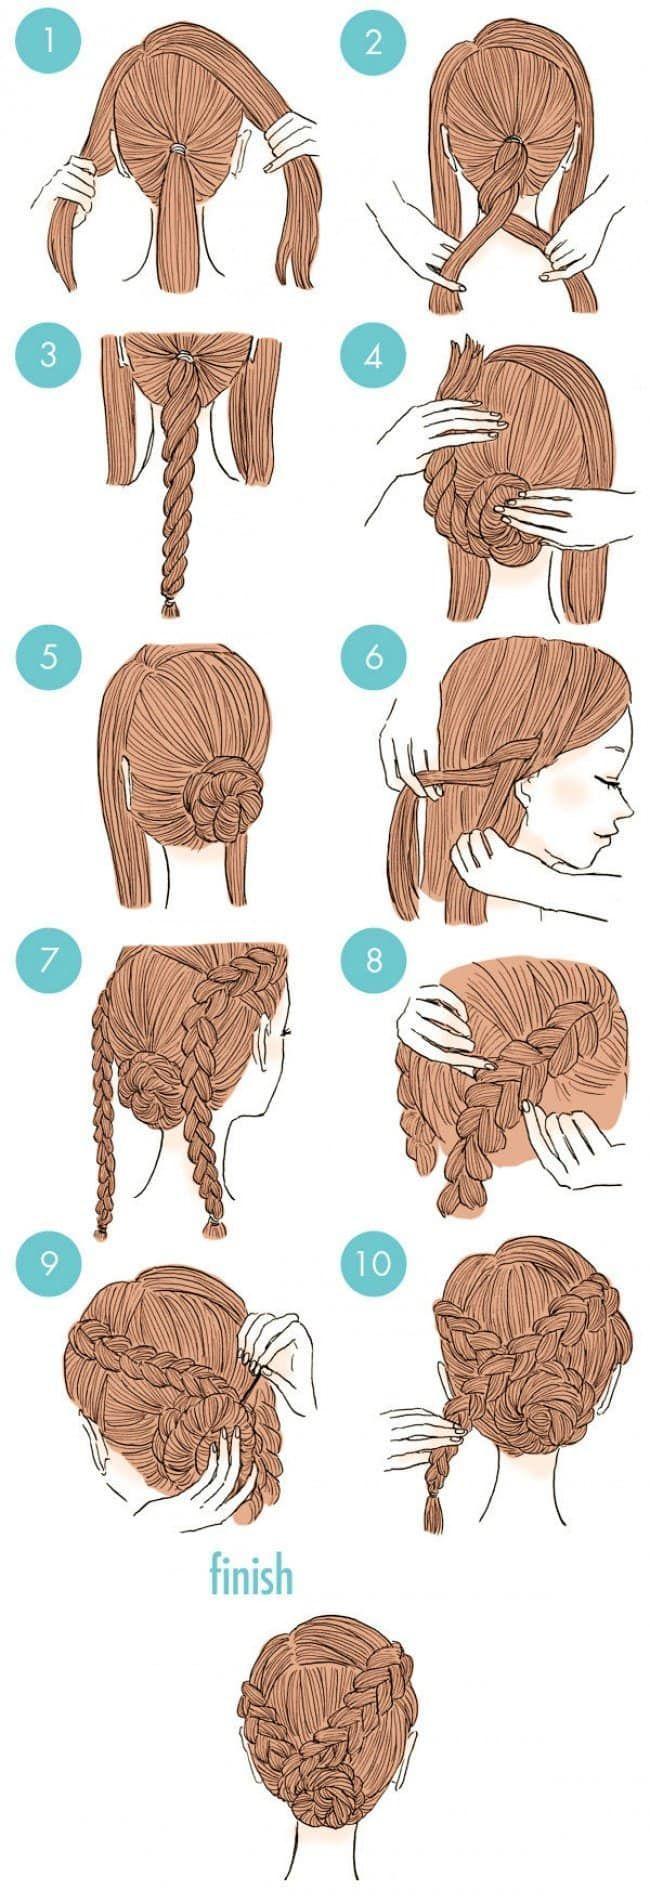 20 süße Frisuren, die extrem einfach zu tun sind - http://venue-toptrendspint.jumpsuitoutfitdressy.tk #hairstyleideas